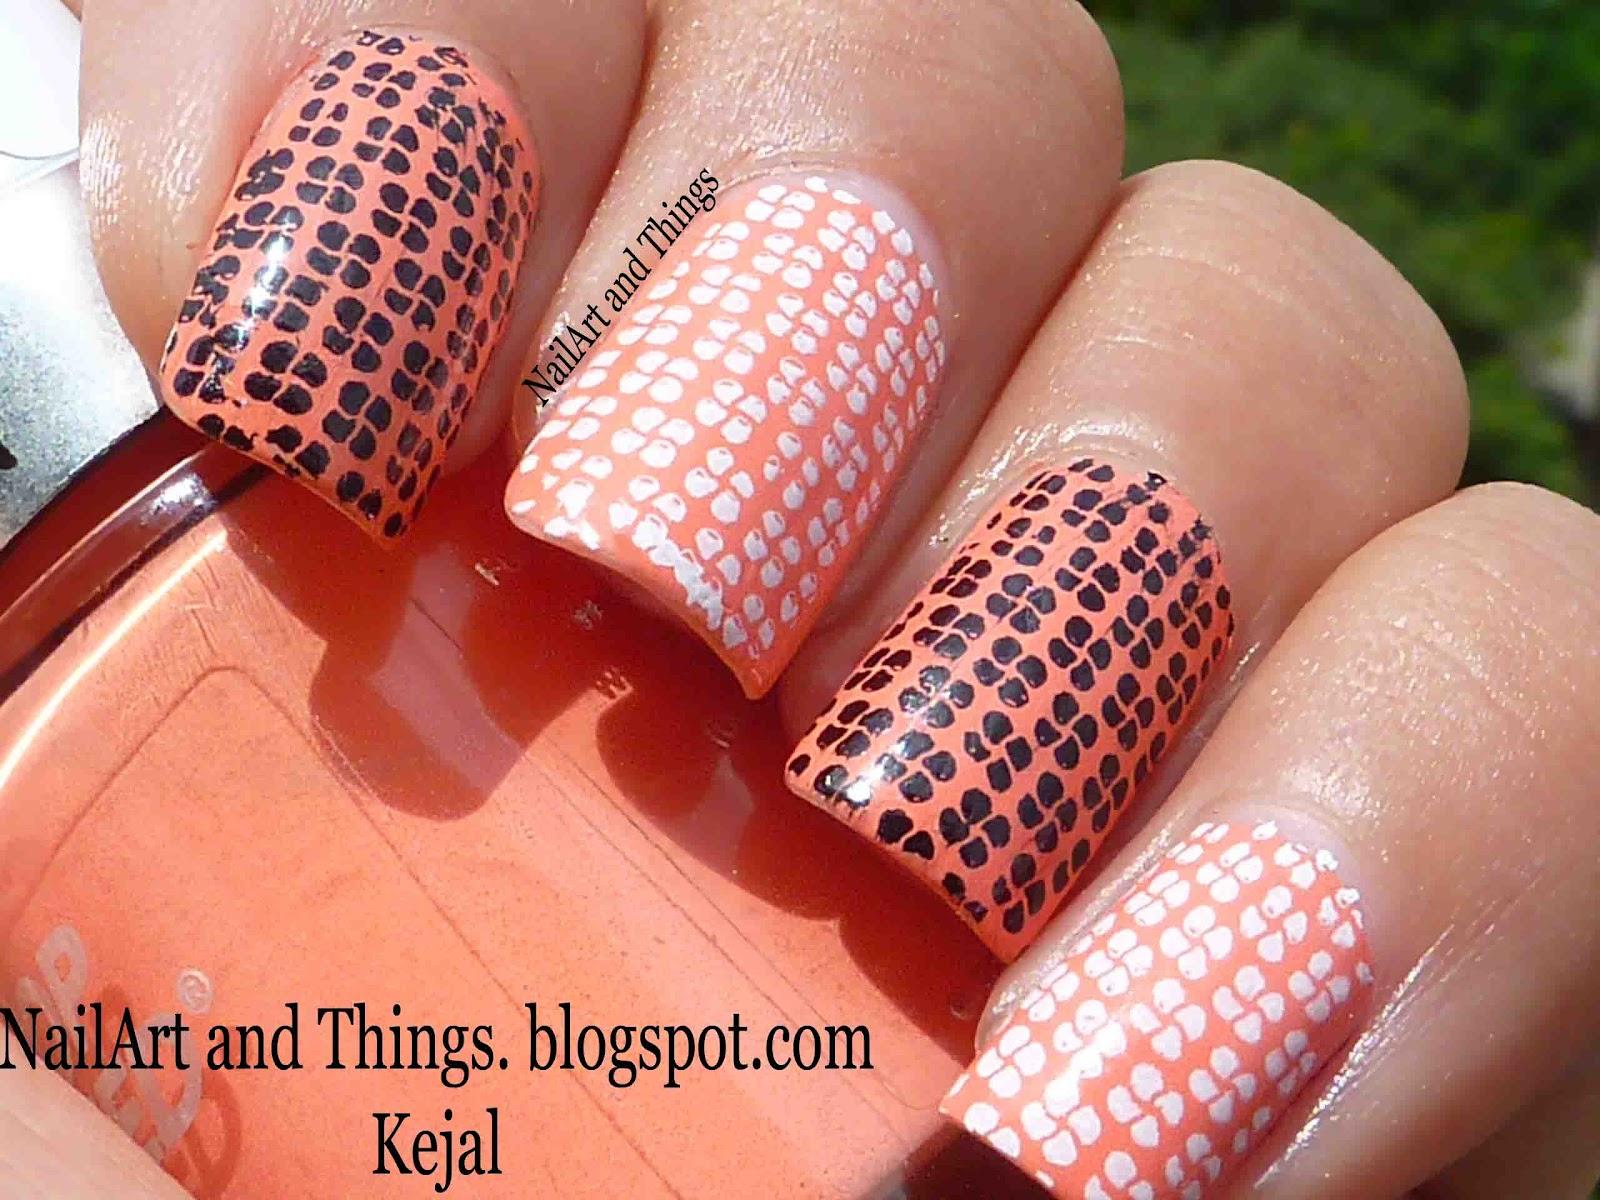 NailArt And Things: Revlon Peachy+ Patterned Nail Art